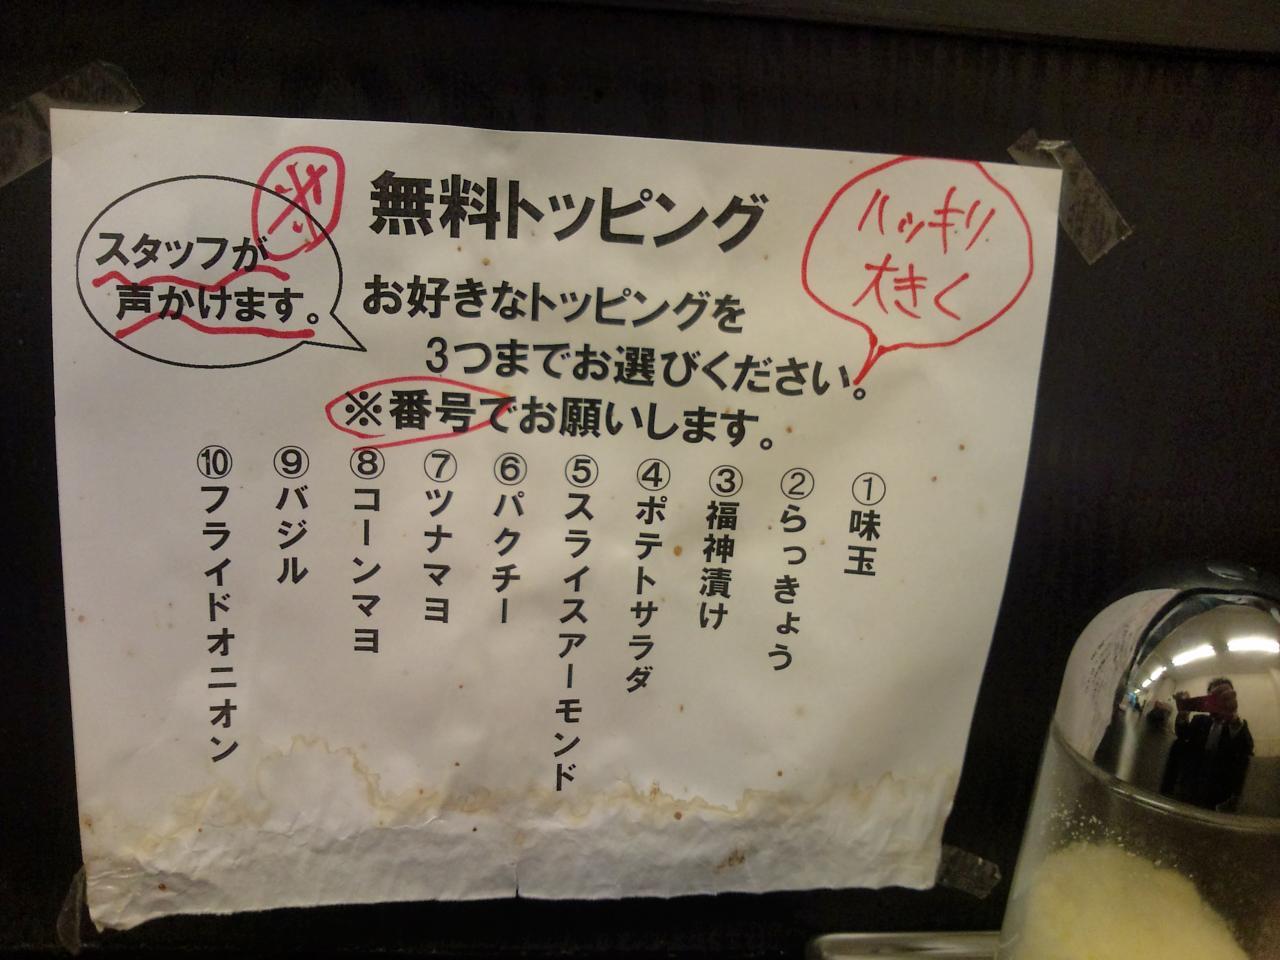 カレーは飲み物秋葉原店(カウンター)